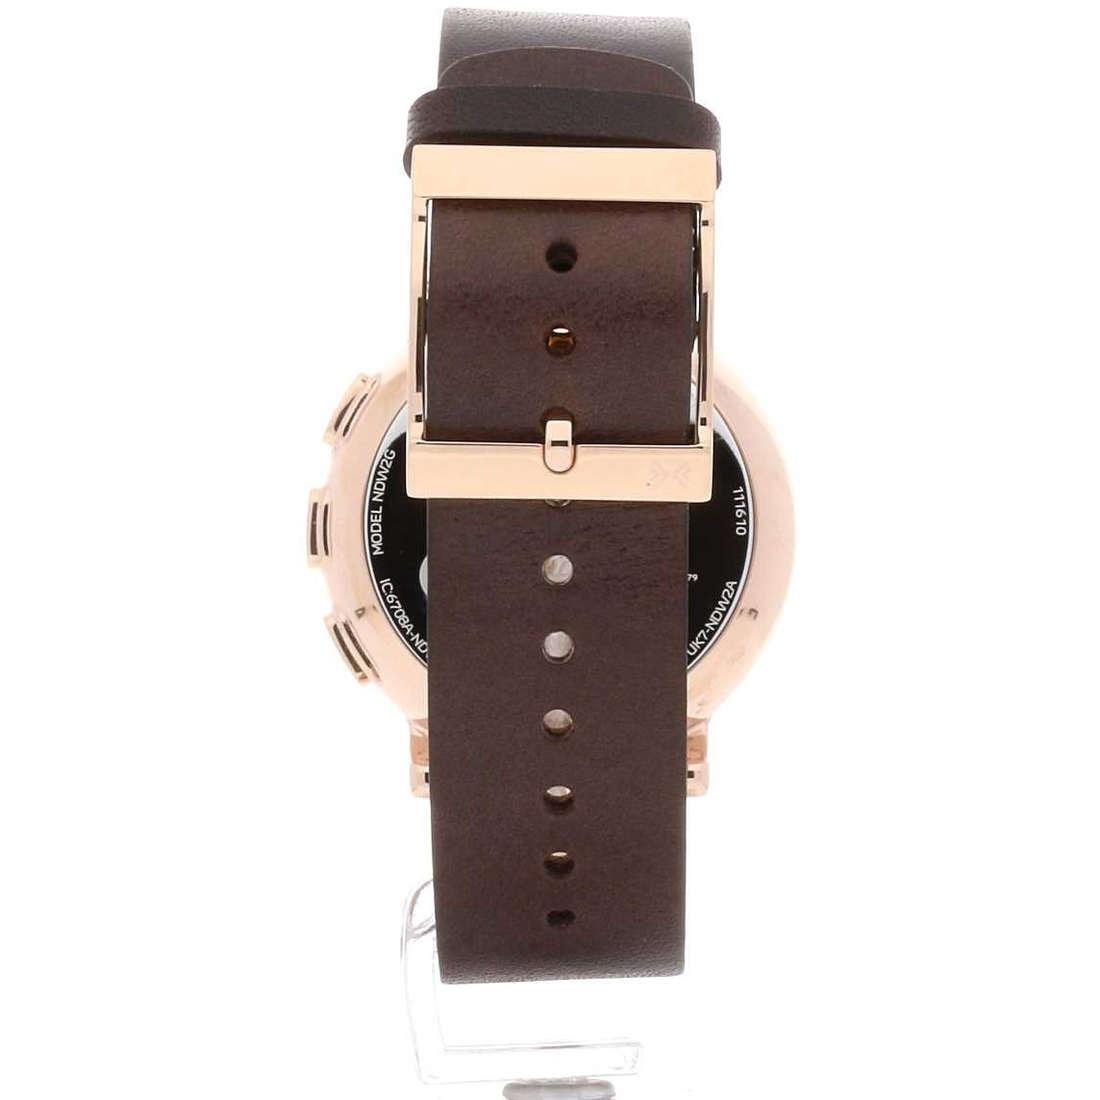 new watches man Skagen SKT1103